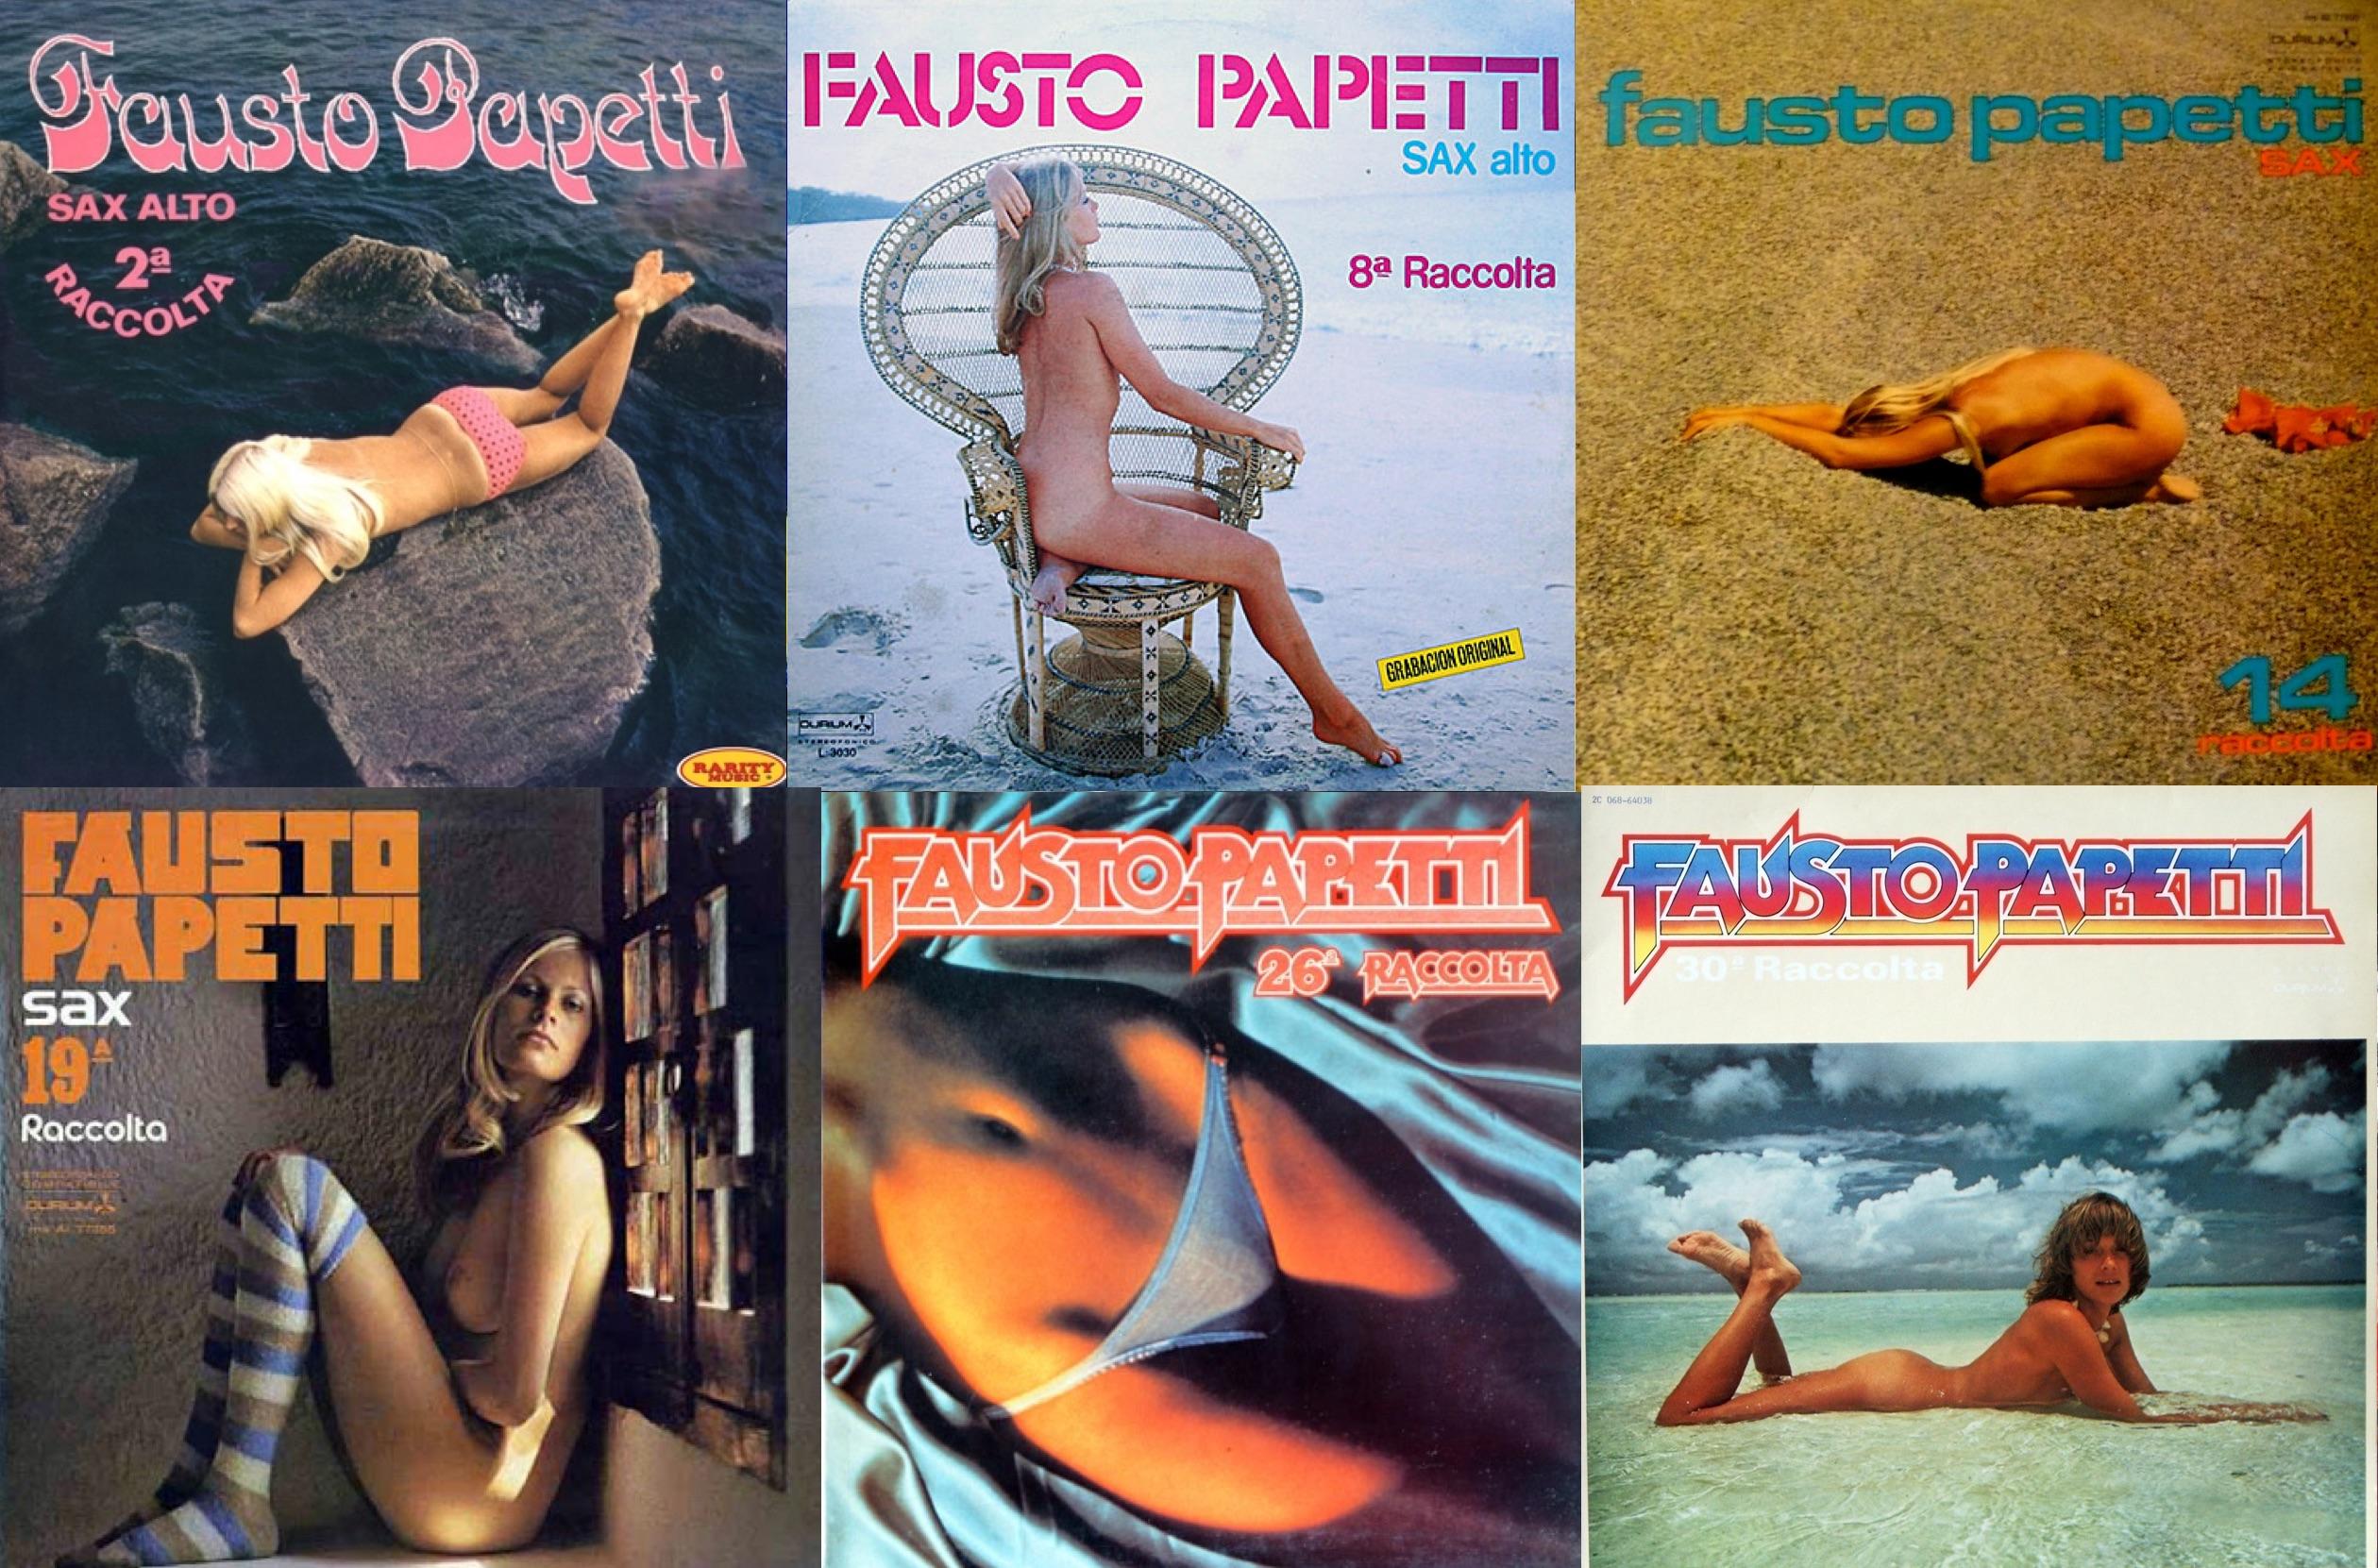 Algunas de las portadas del italiano Fausto Papetti.